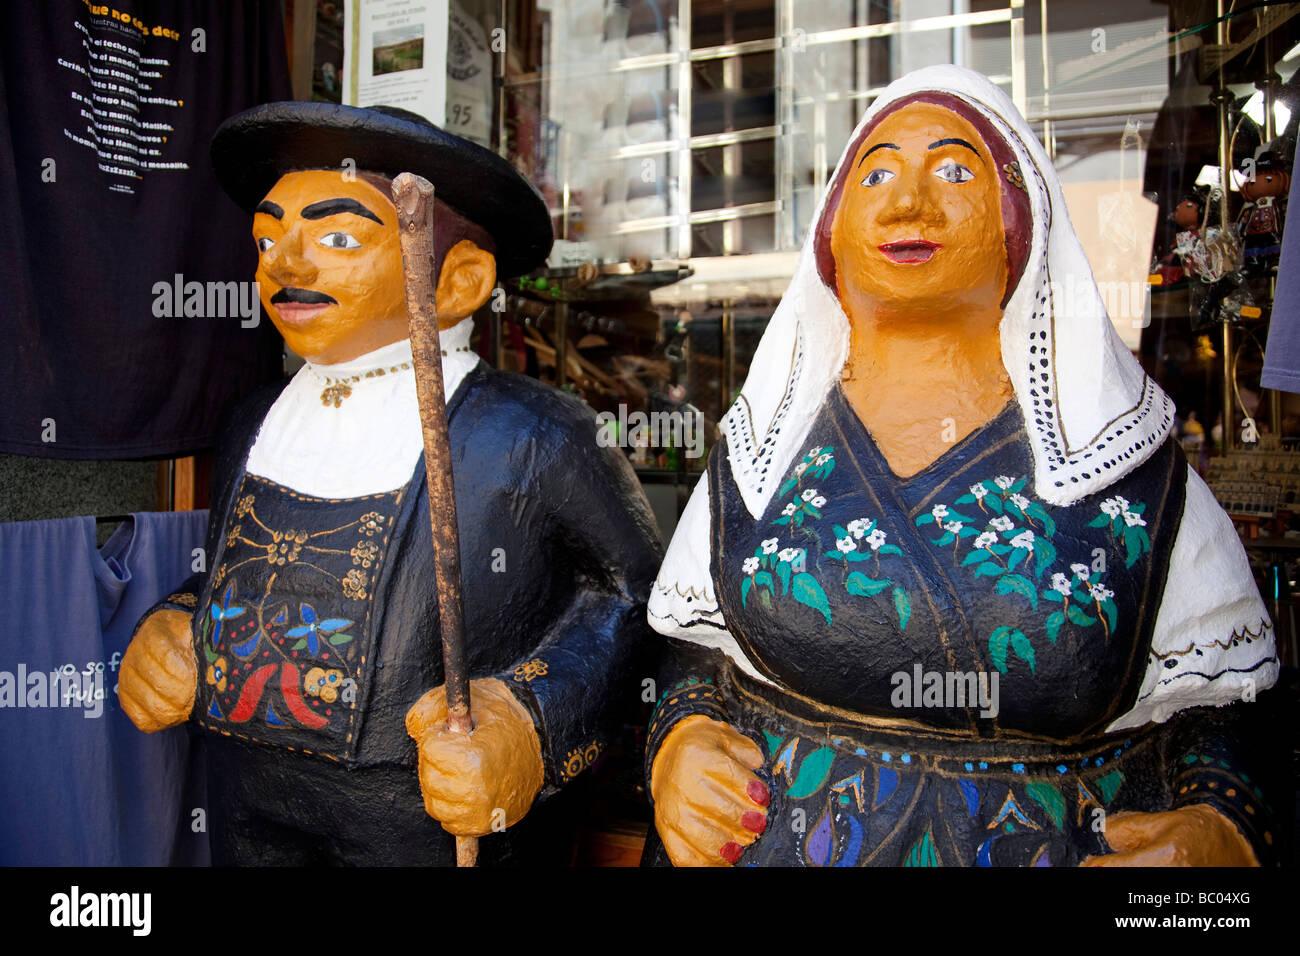 Muñecos con trajes típicos de Salamanca Castilla León España muñecas en trajes típicos Imagen De Stock